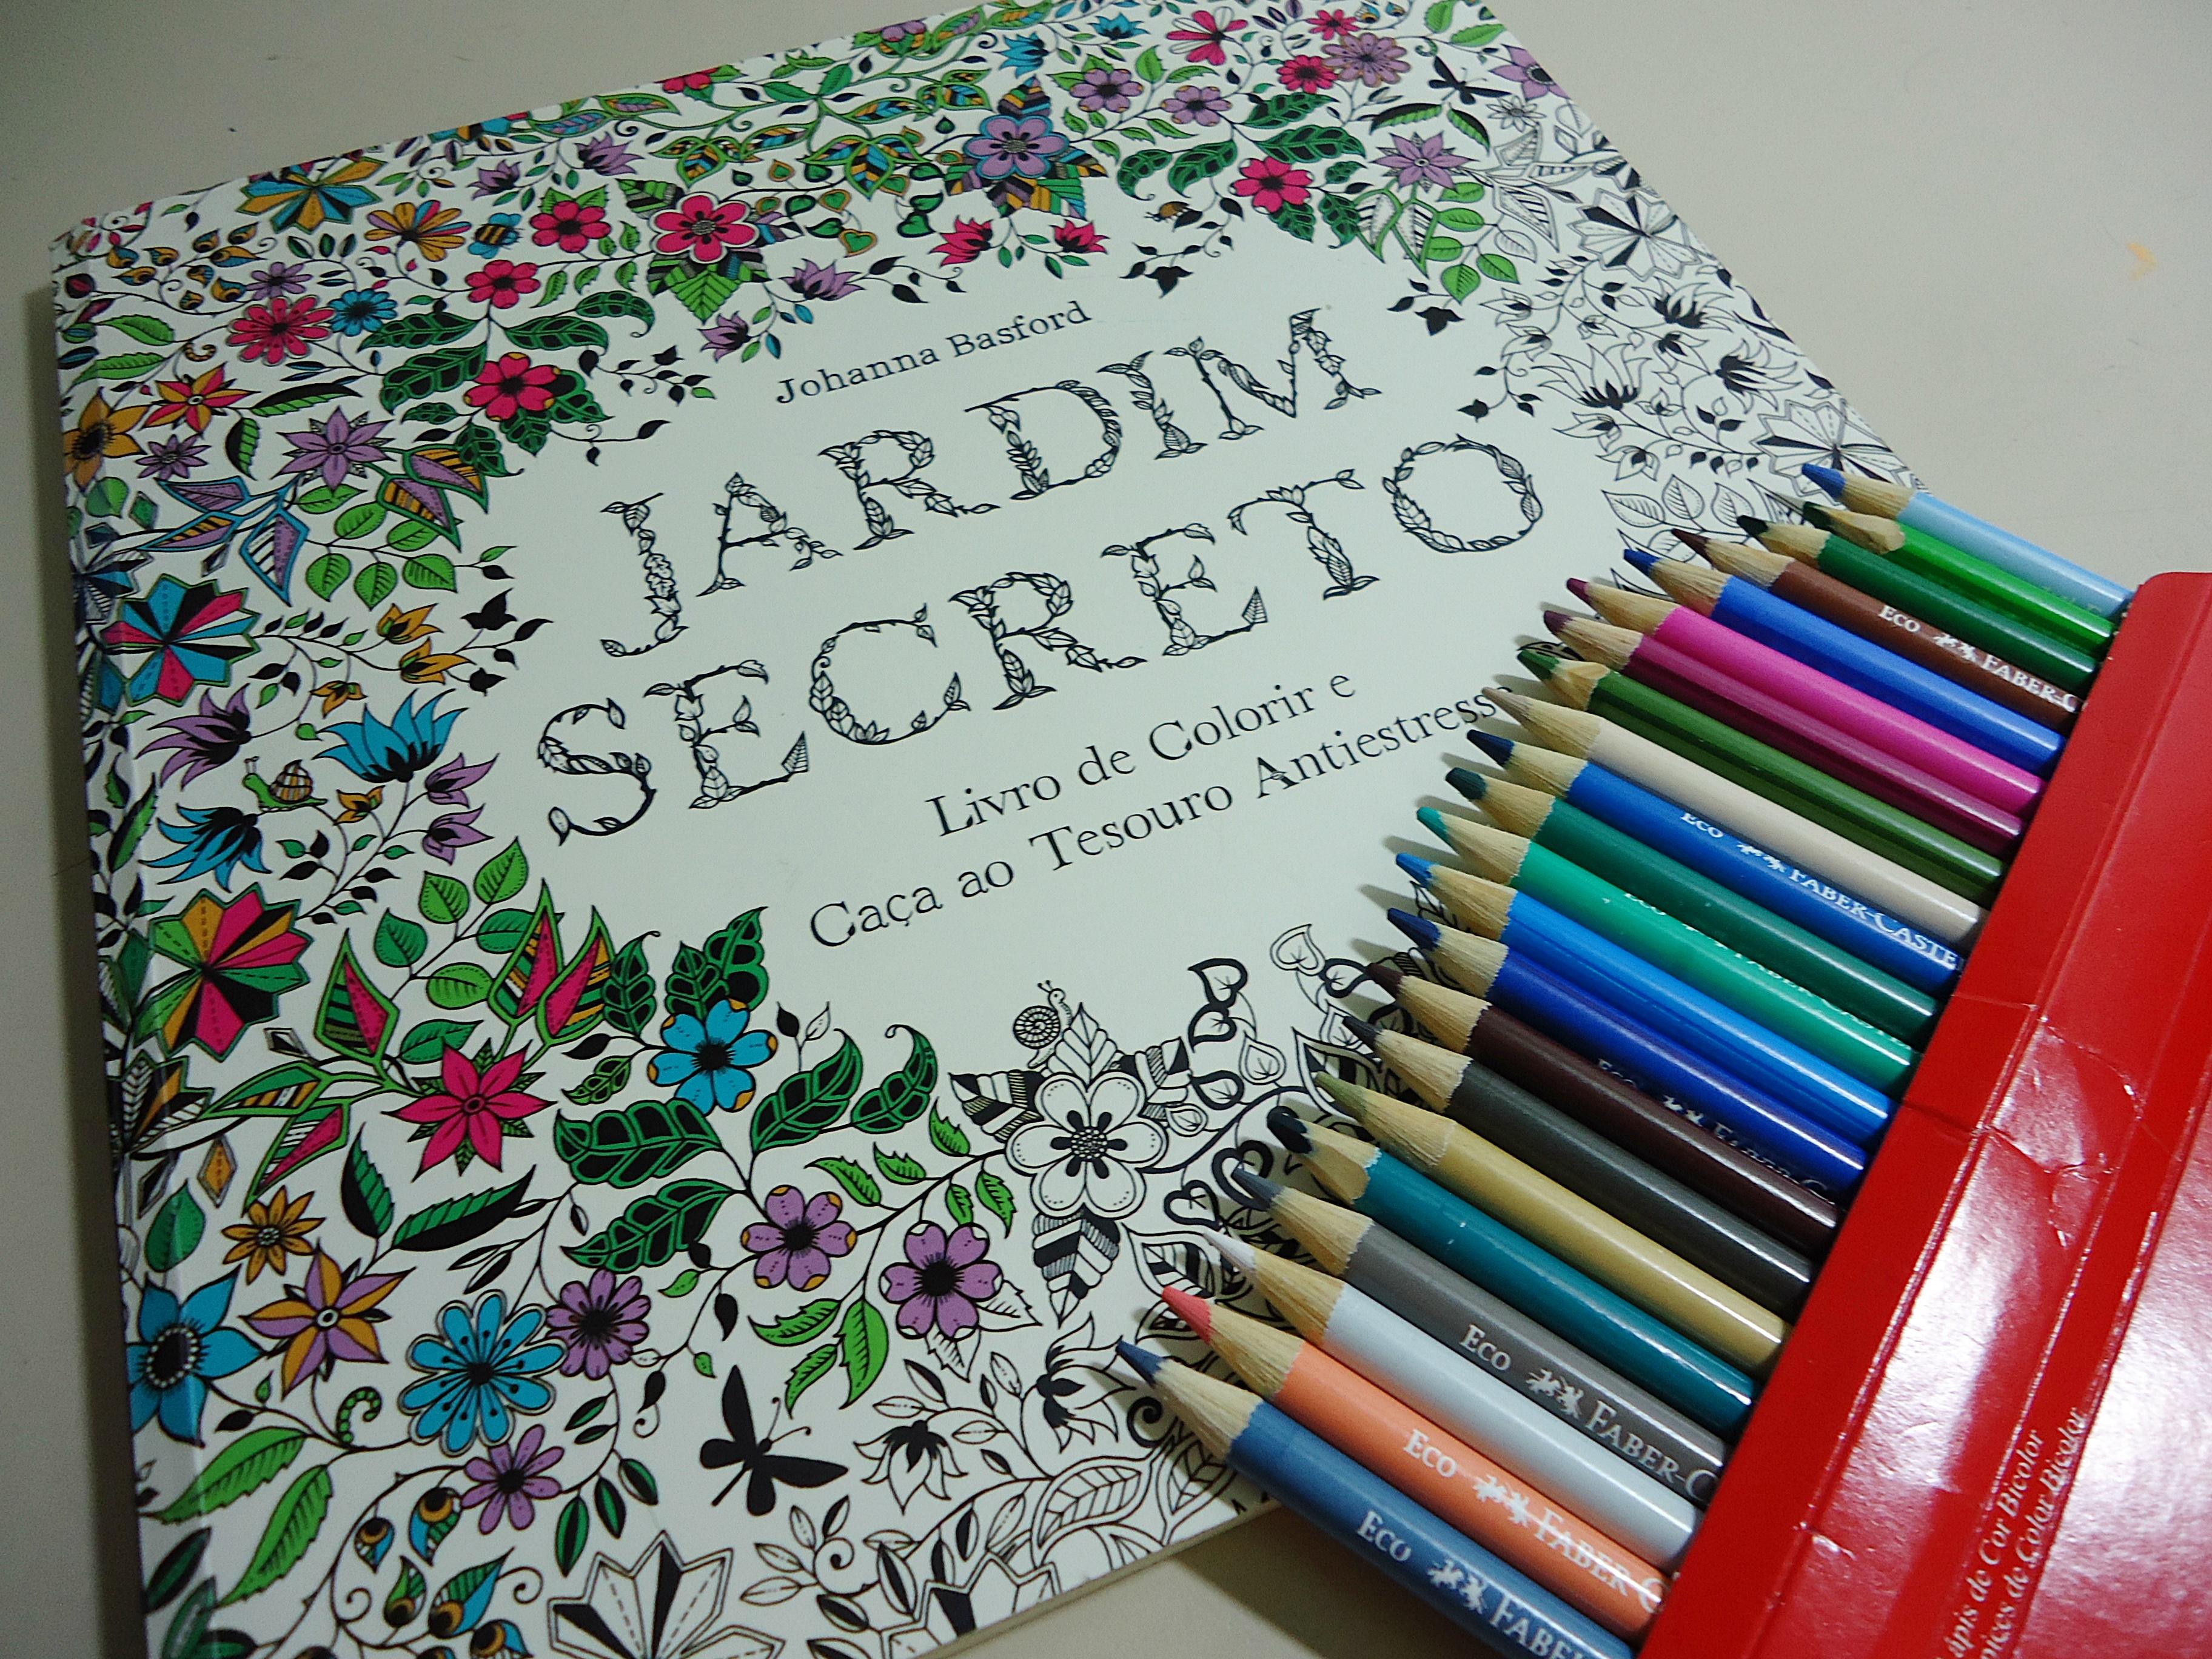 fotos jardim secreto:jardim secreto capa